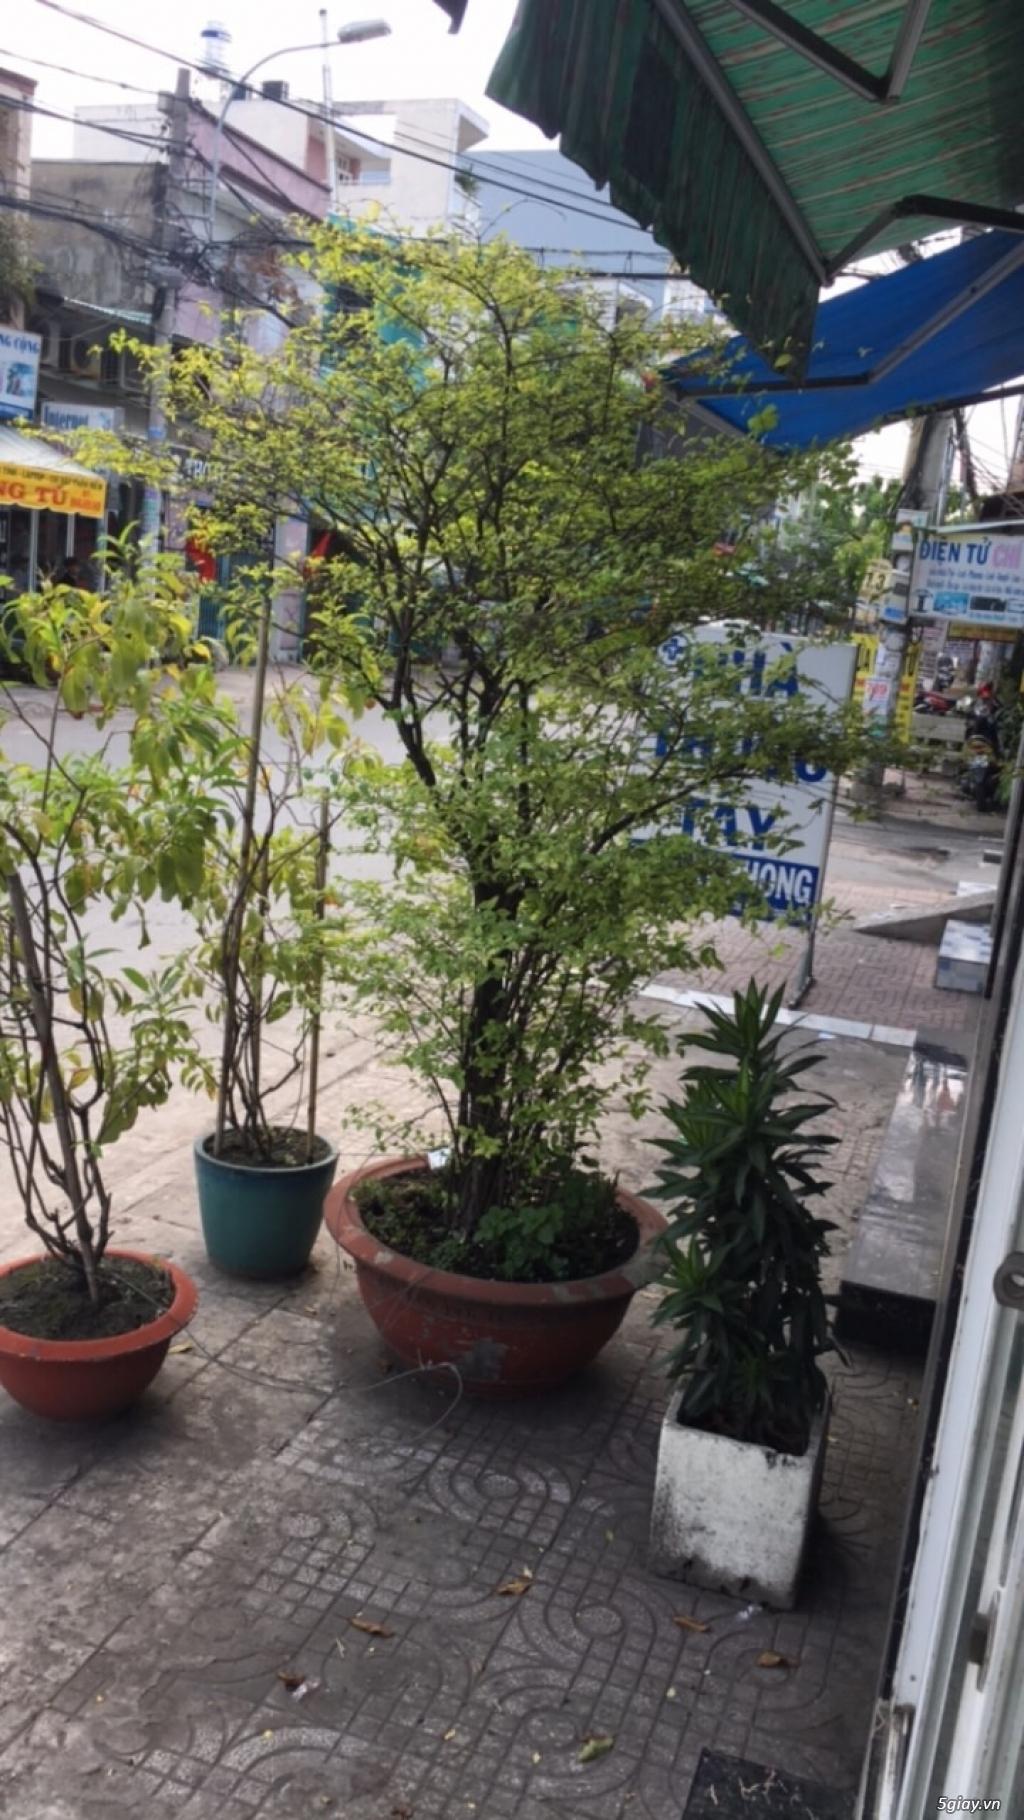 [TPHCM] Bán cây mai nhánh thuỷ cao hơn 2m